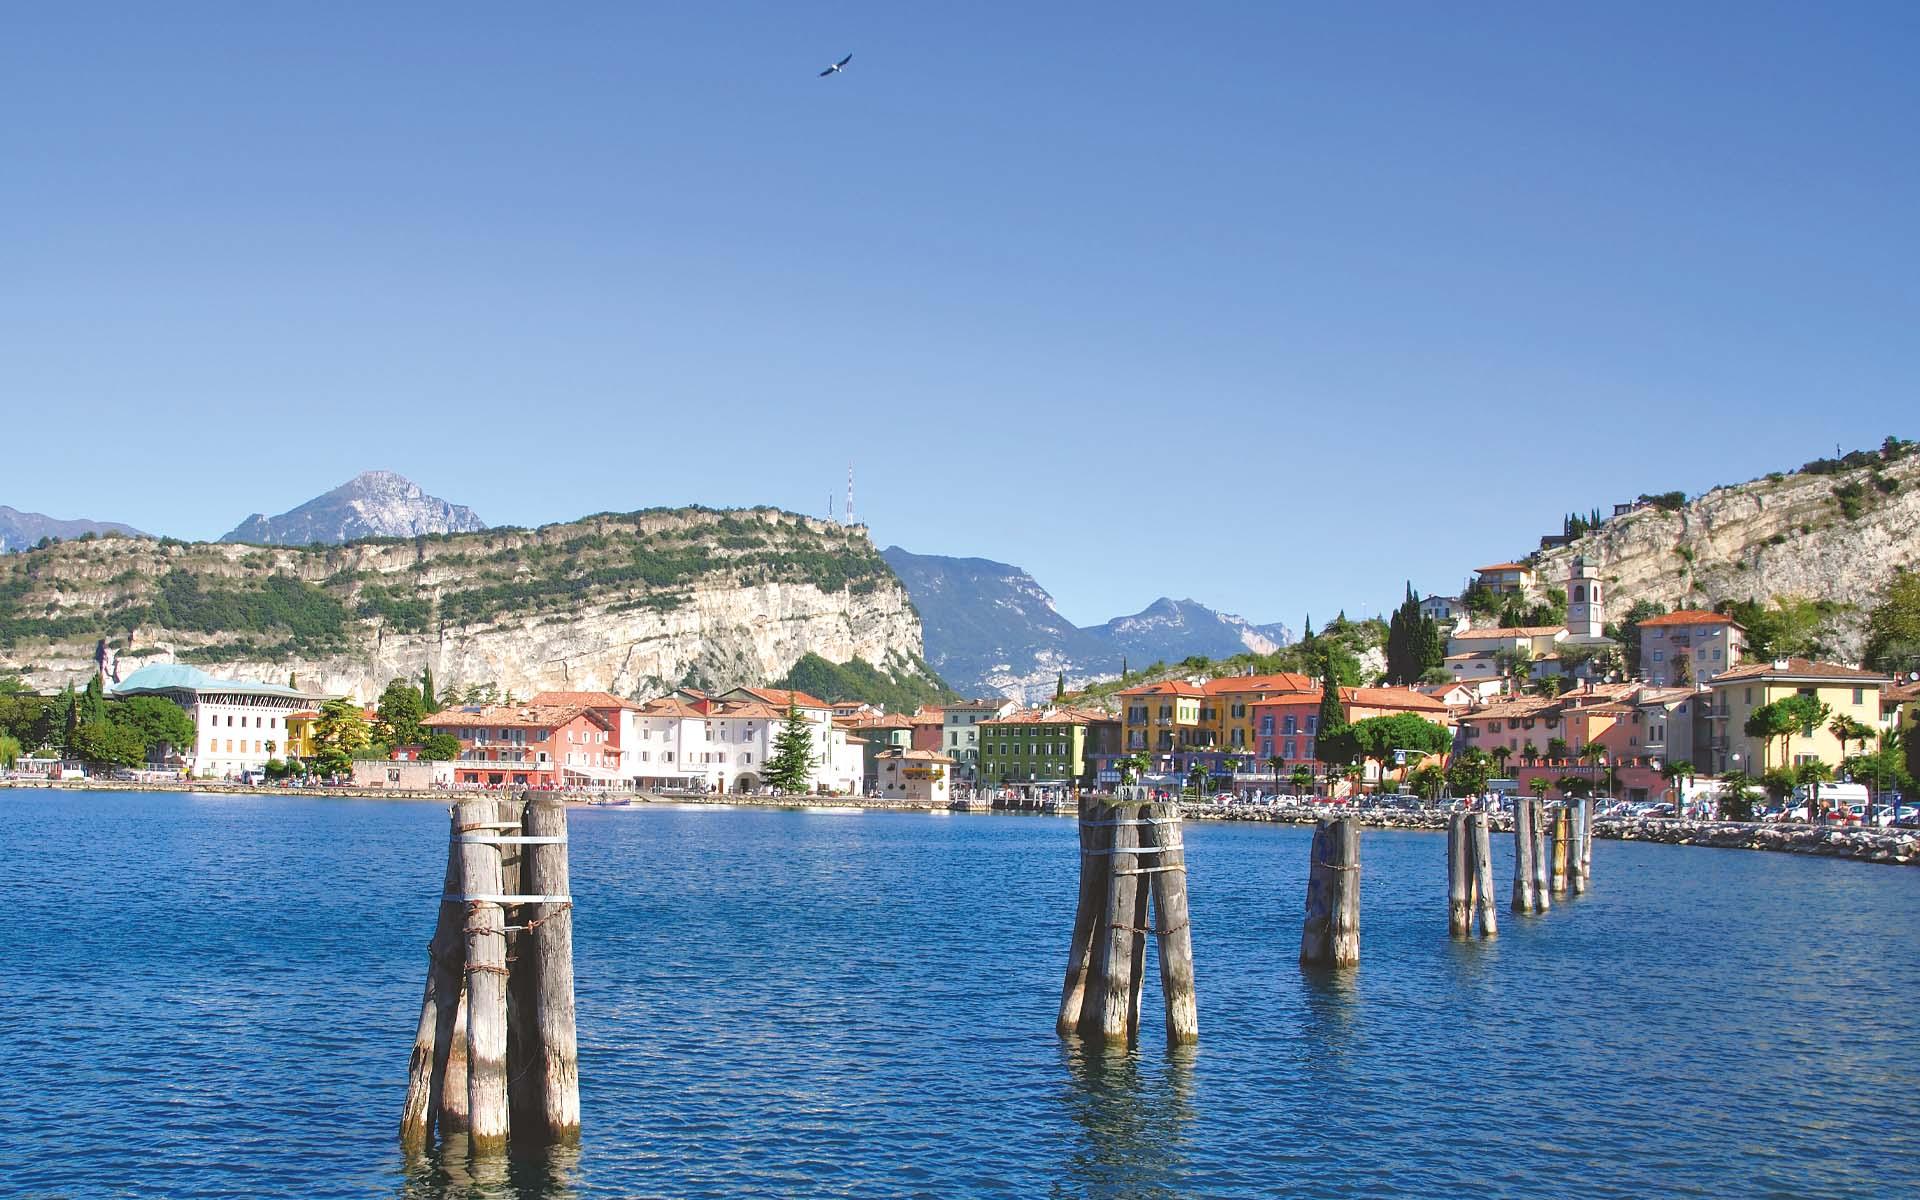 Jubiläumsreise 60 Jahre Tonelli-Hotels am Gardasee